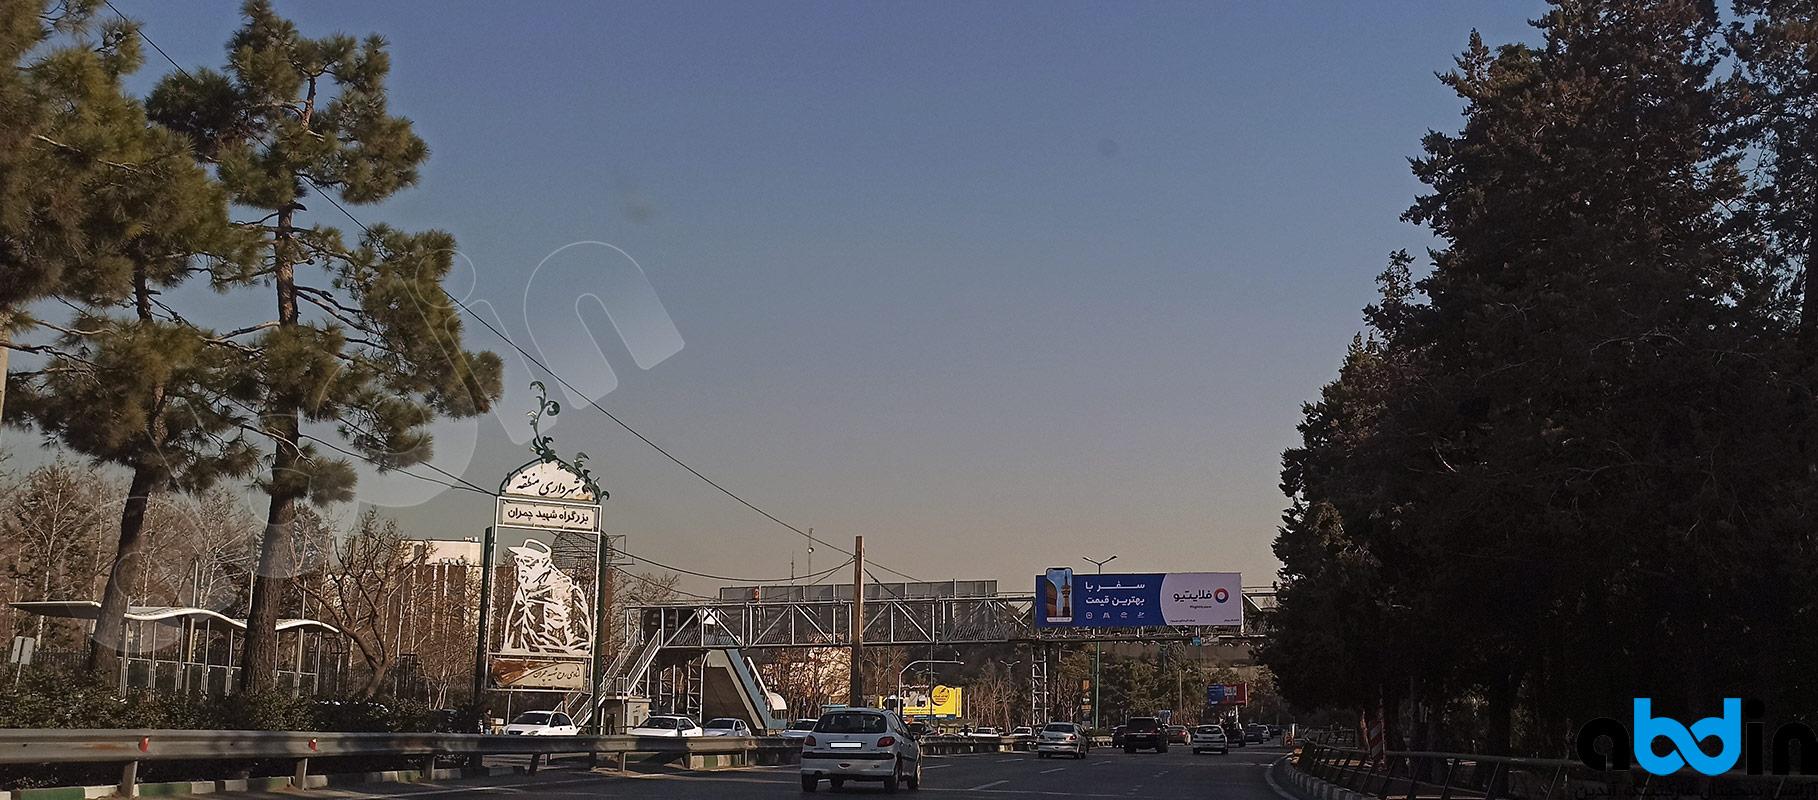 بیلبورد چمران شرق روبروی نمایشگاه بین المللی